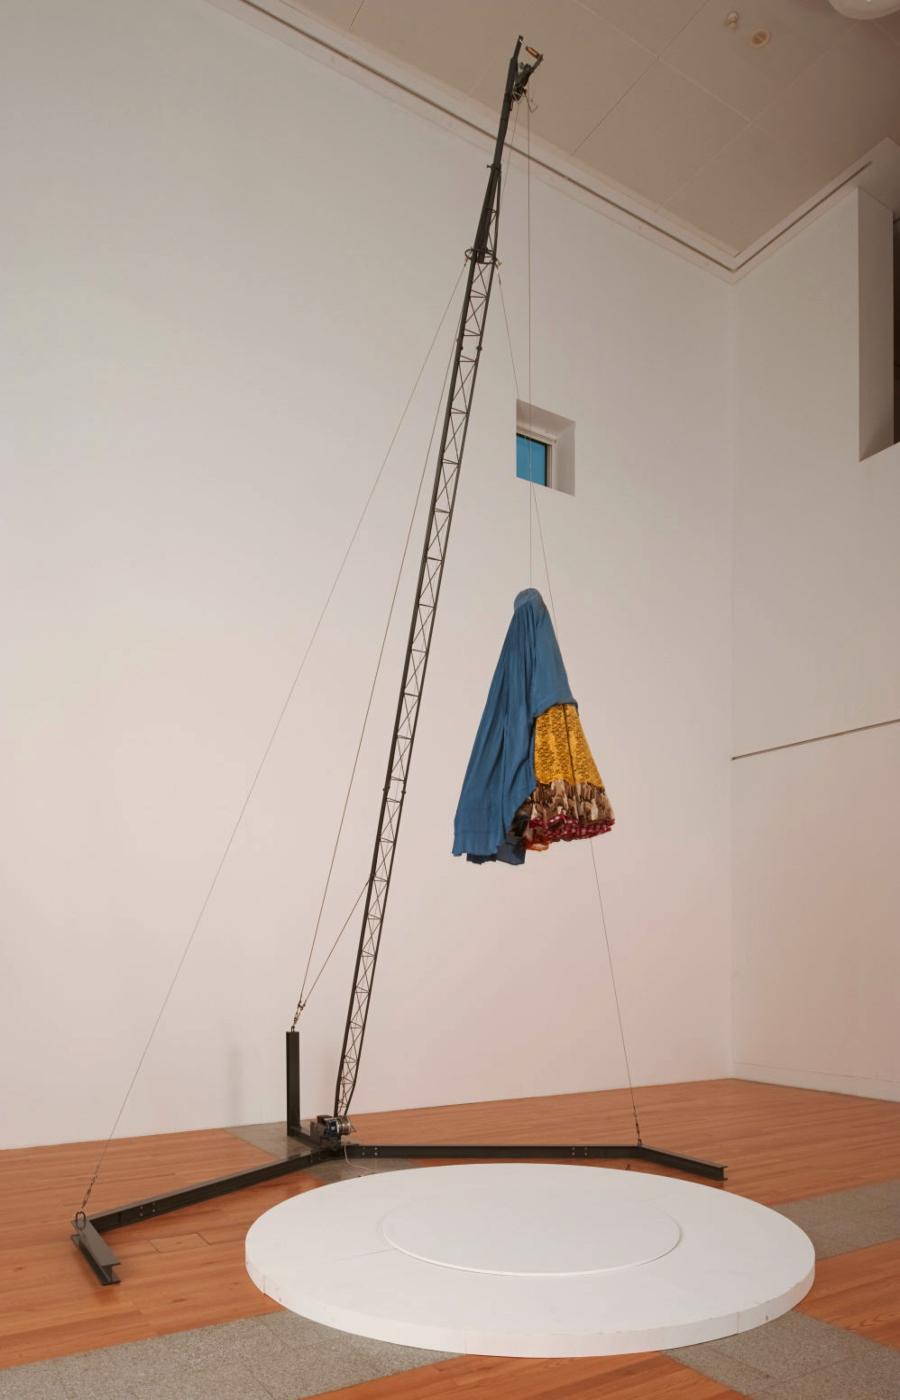 Joana Vasconcelos. Burka. Colección MUSAC, Museo de Arte Contemporáneo de Castilla y León.